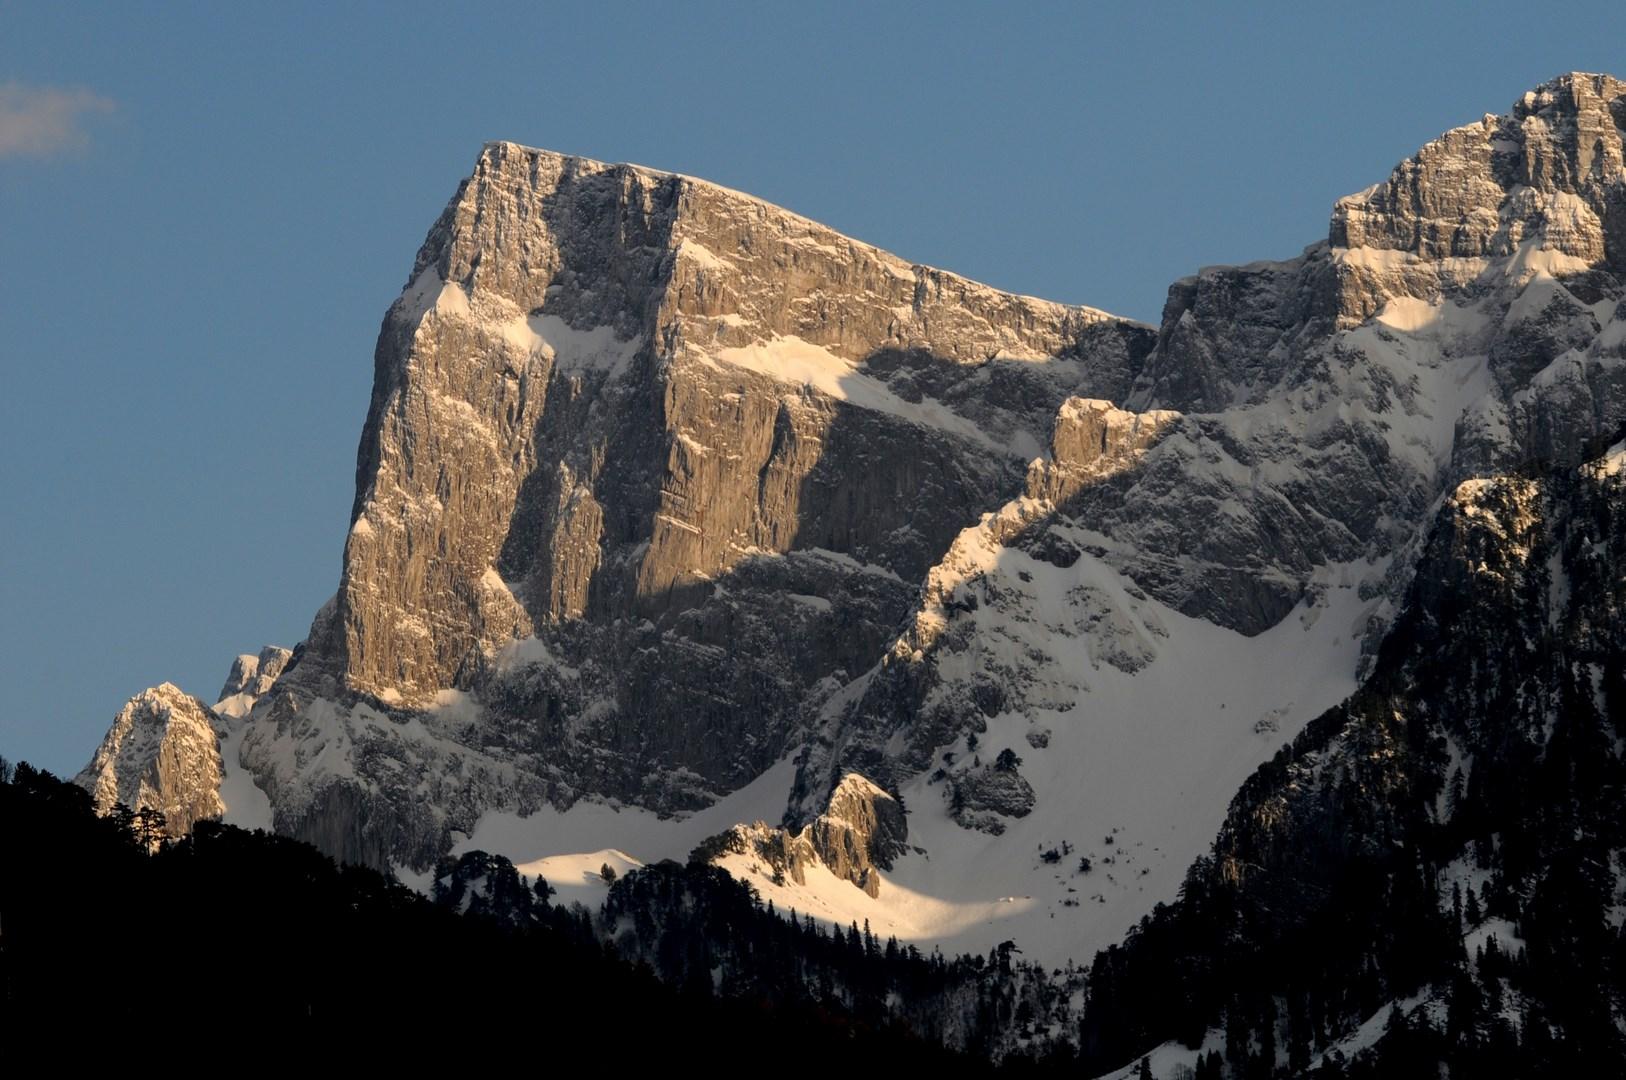 Γκαμήλα κορυφή (2497μ), η υψηλότερη κορυφή της Τύμφης - ΧΑΡΗΤΑΚΗΣ ΠΑΠΑΙΩΑΝΝΟΥ/ HARITAKIS PAPAIOANNOU